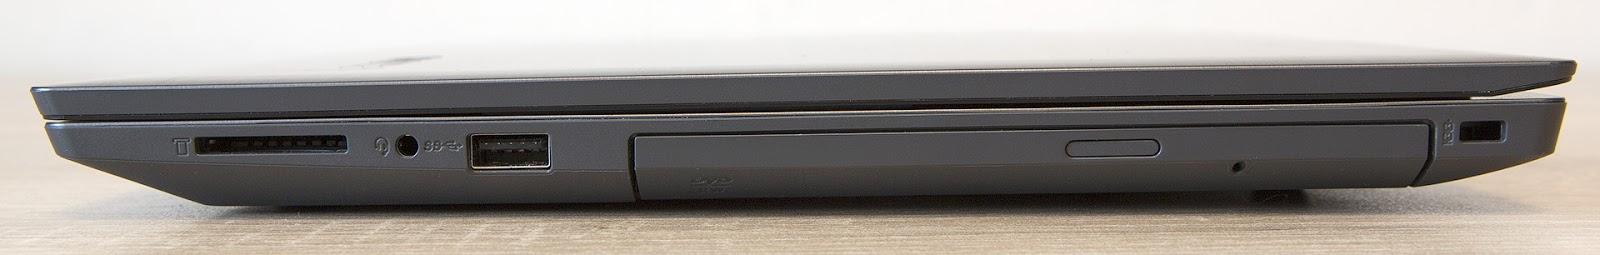 Обзор ноутбука Lenovo V330-15: надёжный офисный трудяга - 7